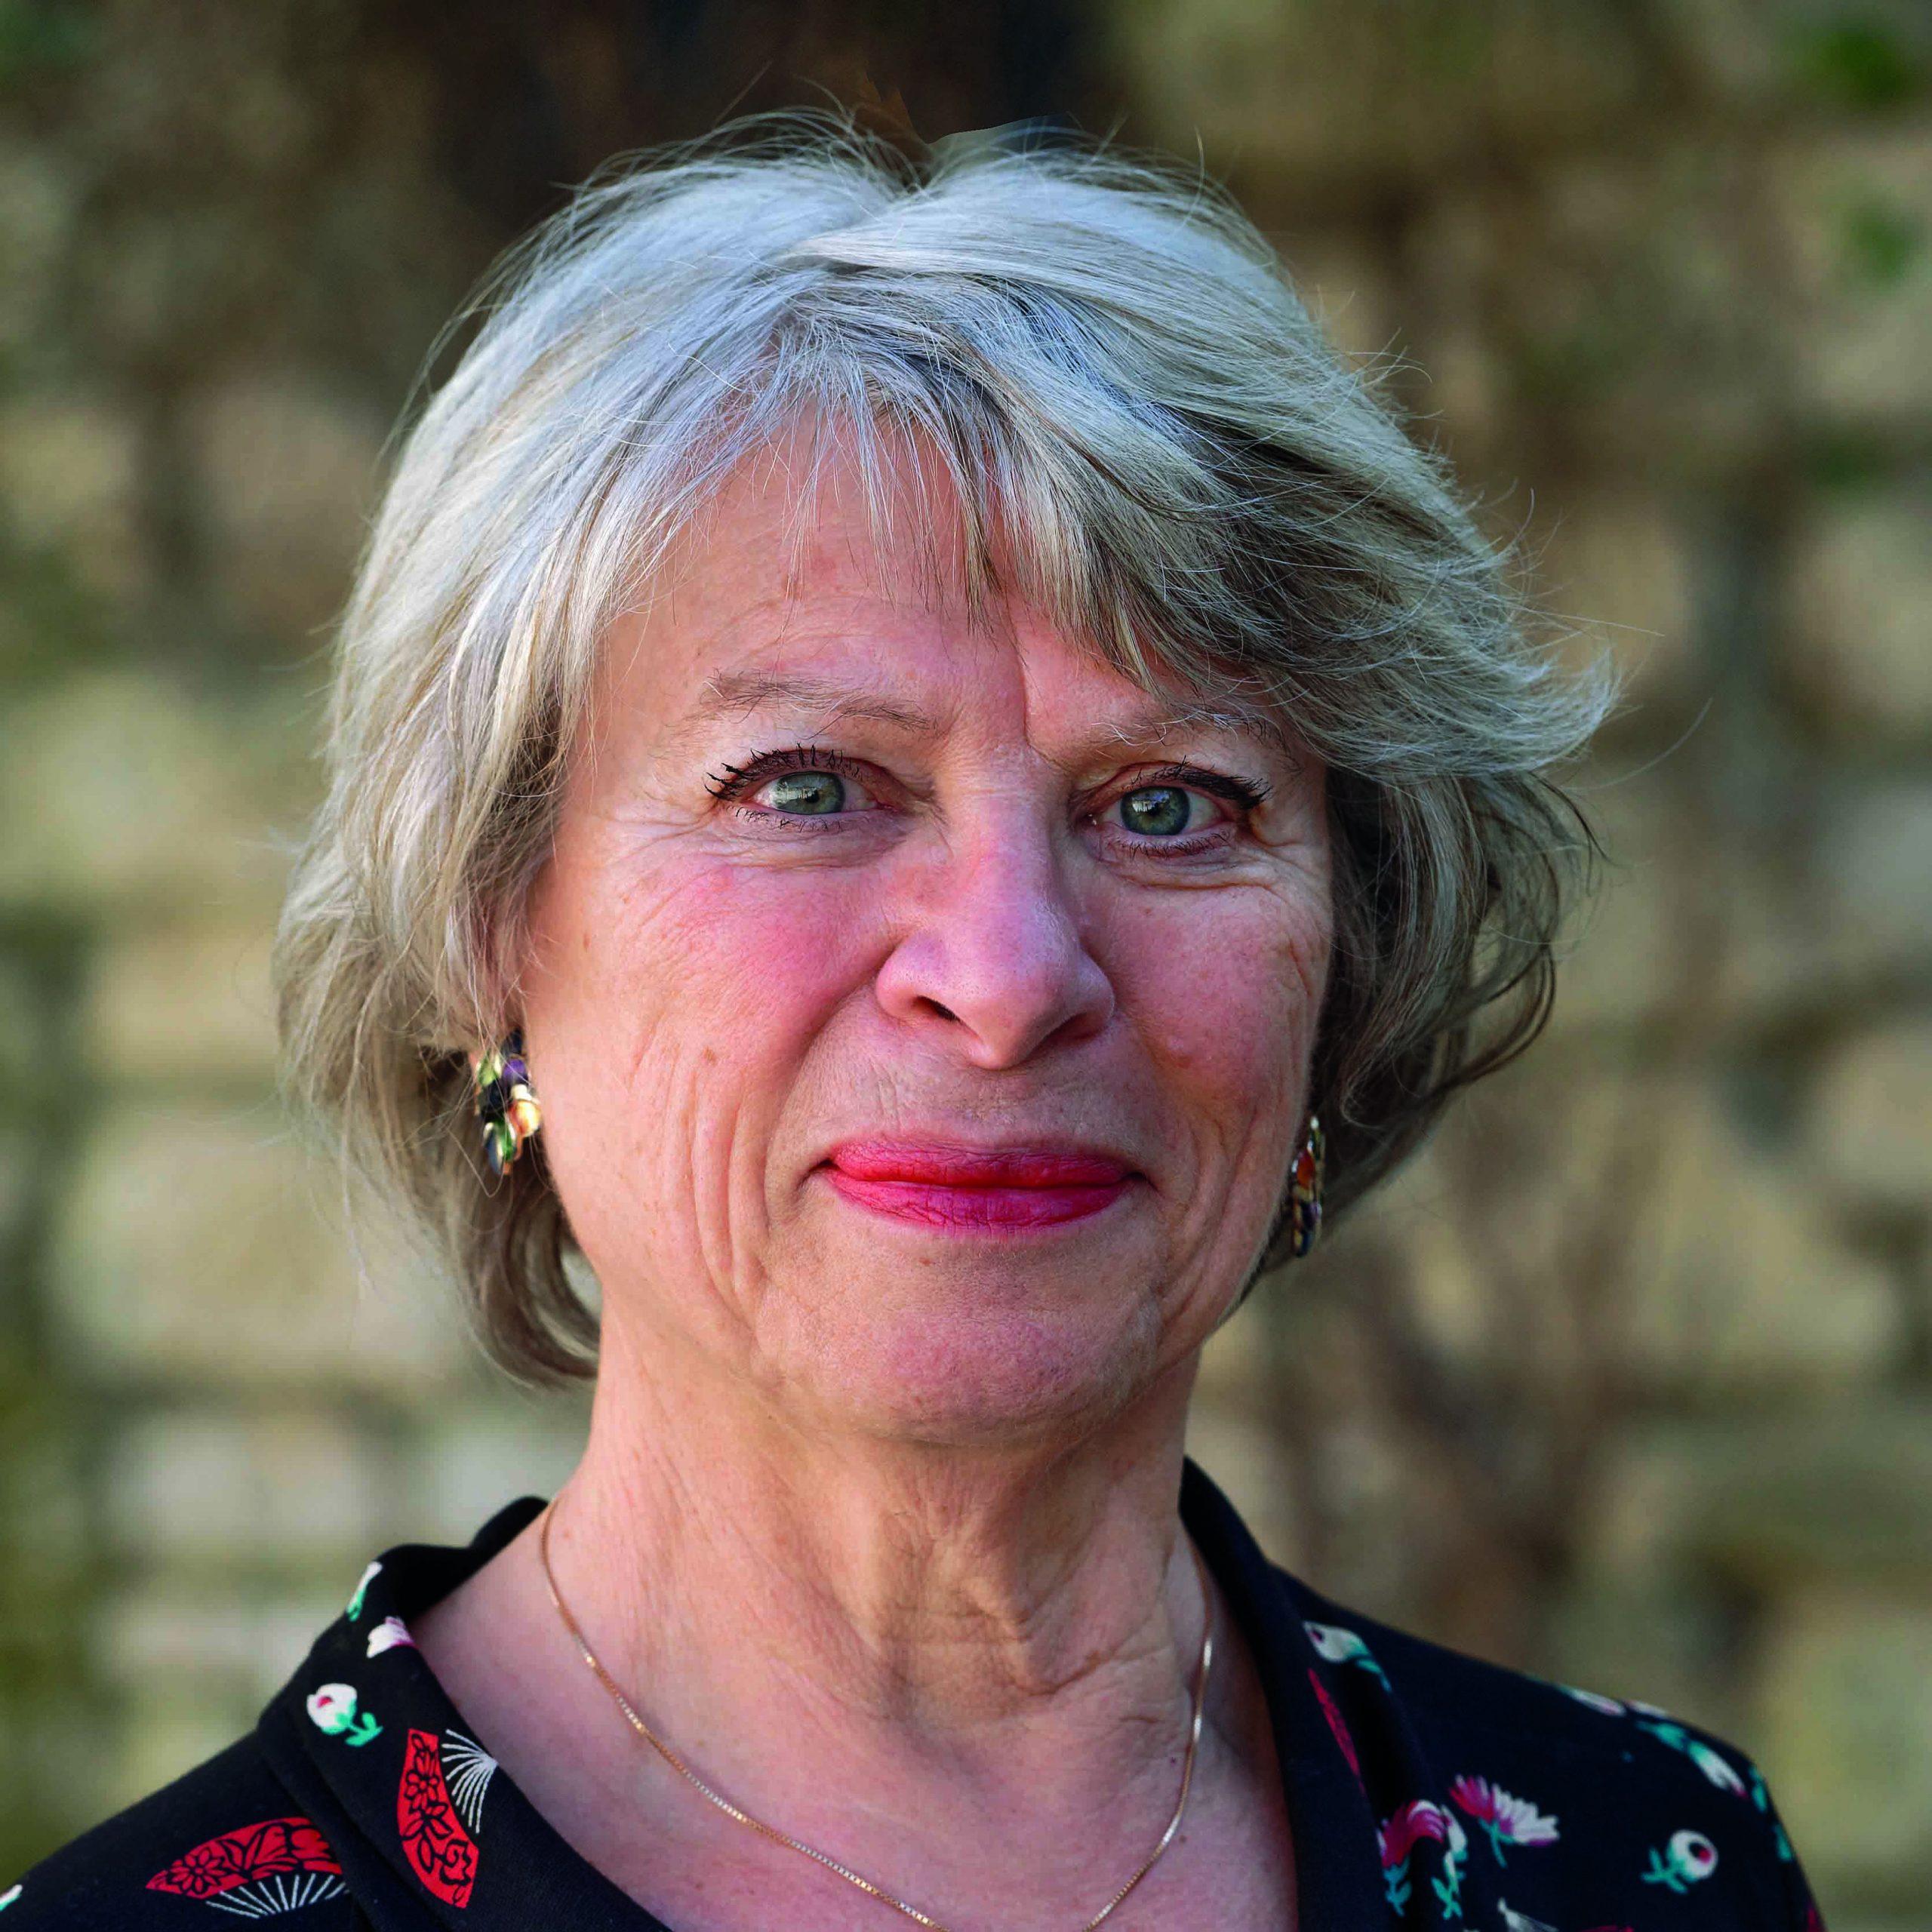 Danièle Klingler